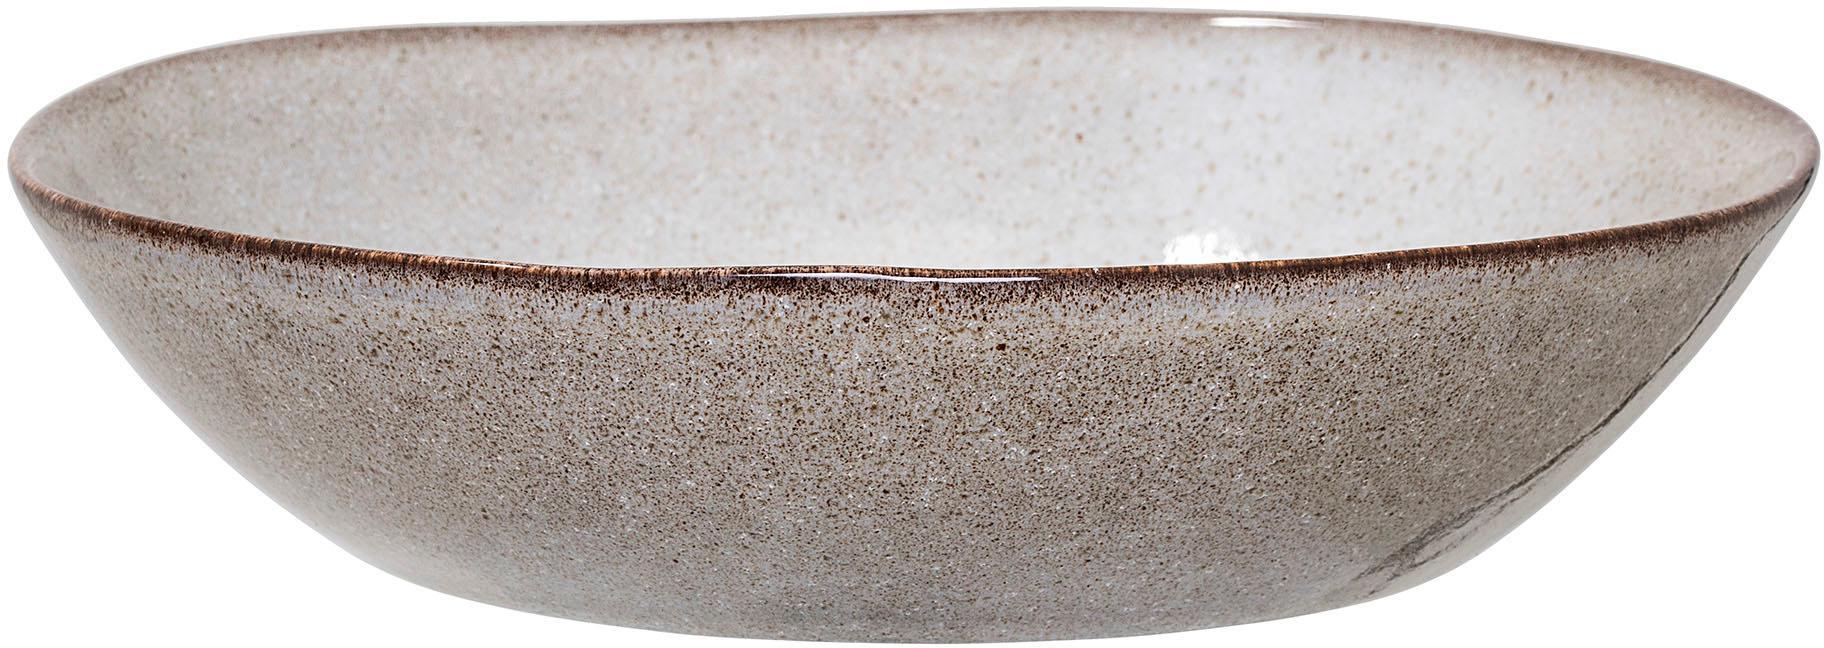 Ciotola per zuppa fatta a mano beige Sandrine, Terracotta, Tonalità beige, Ø 22 x Alt. 5 cm